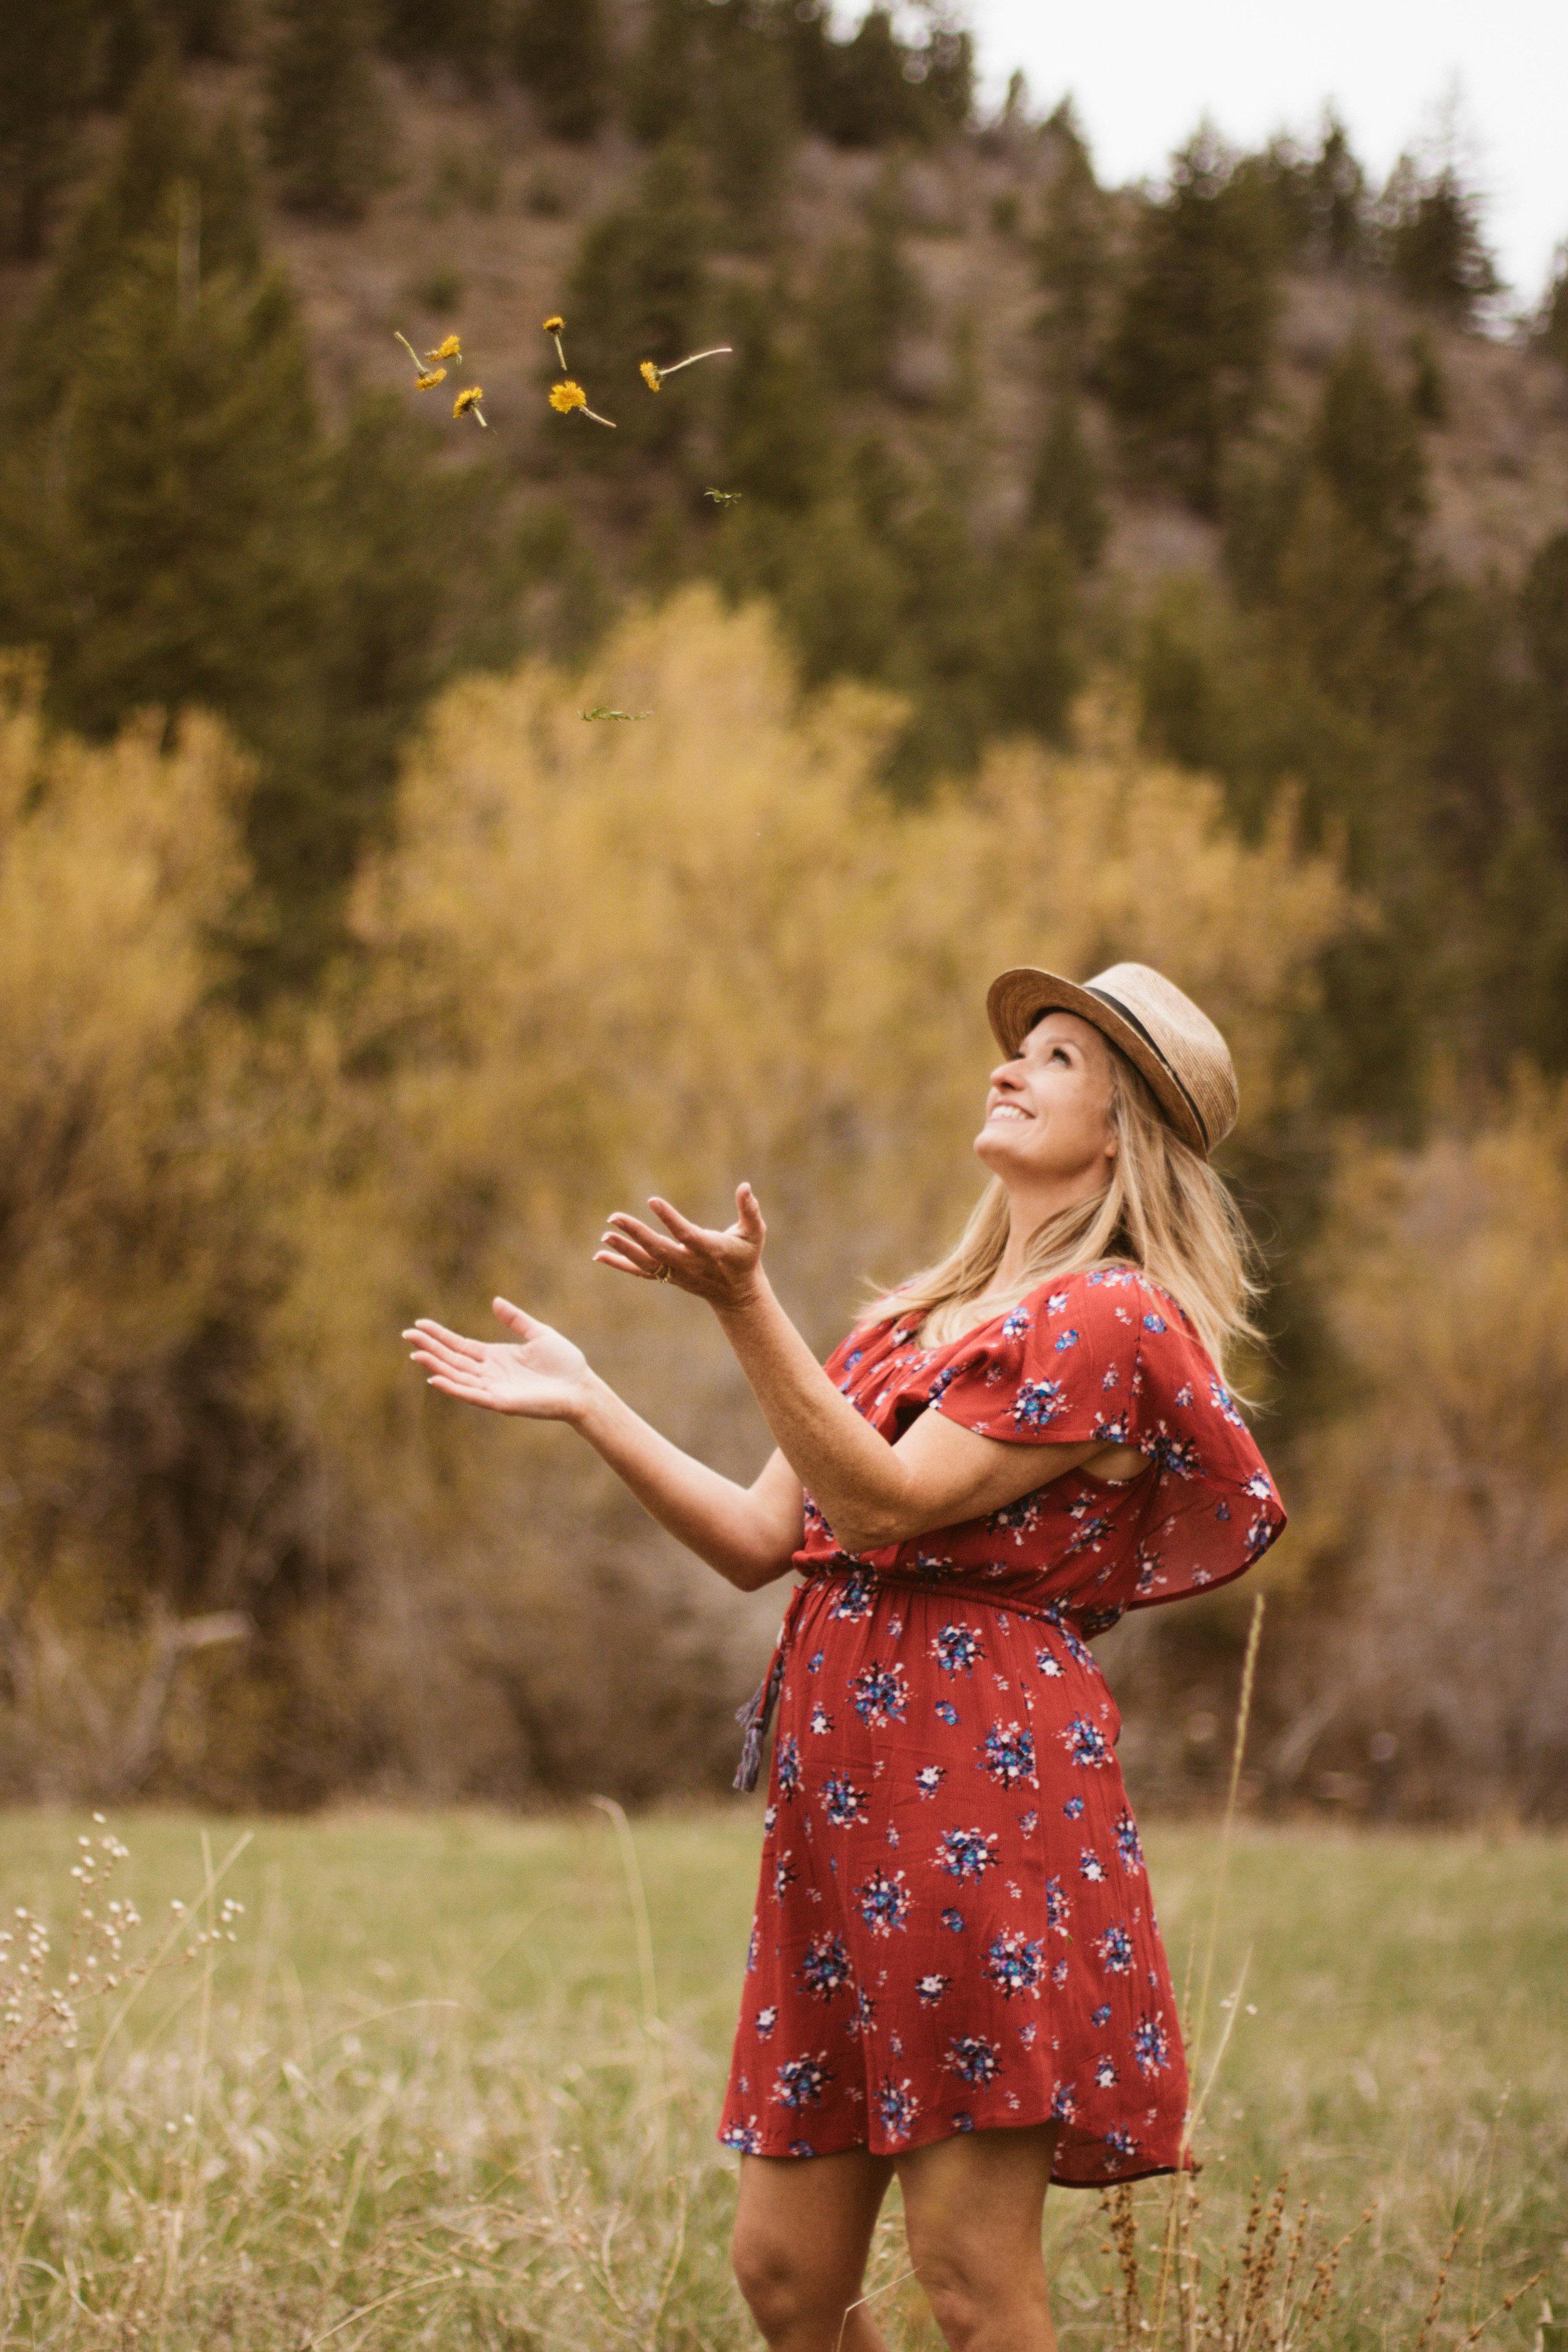 Amanda Blankship